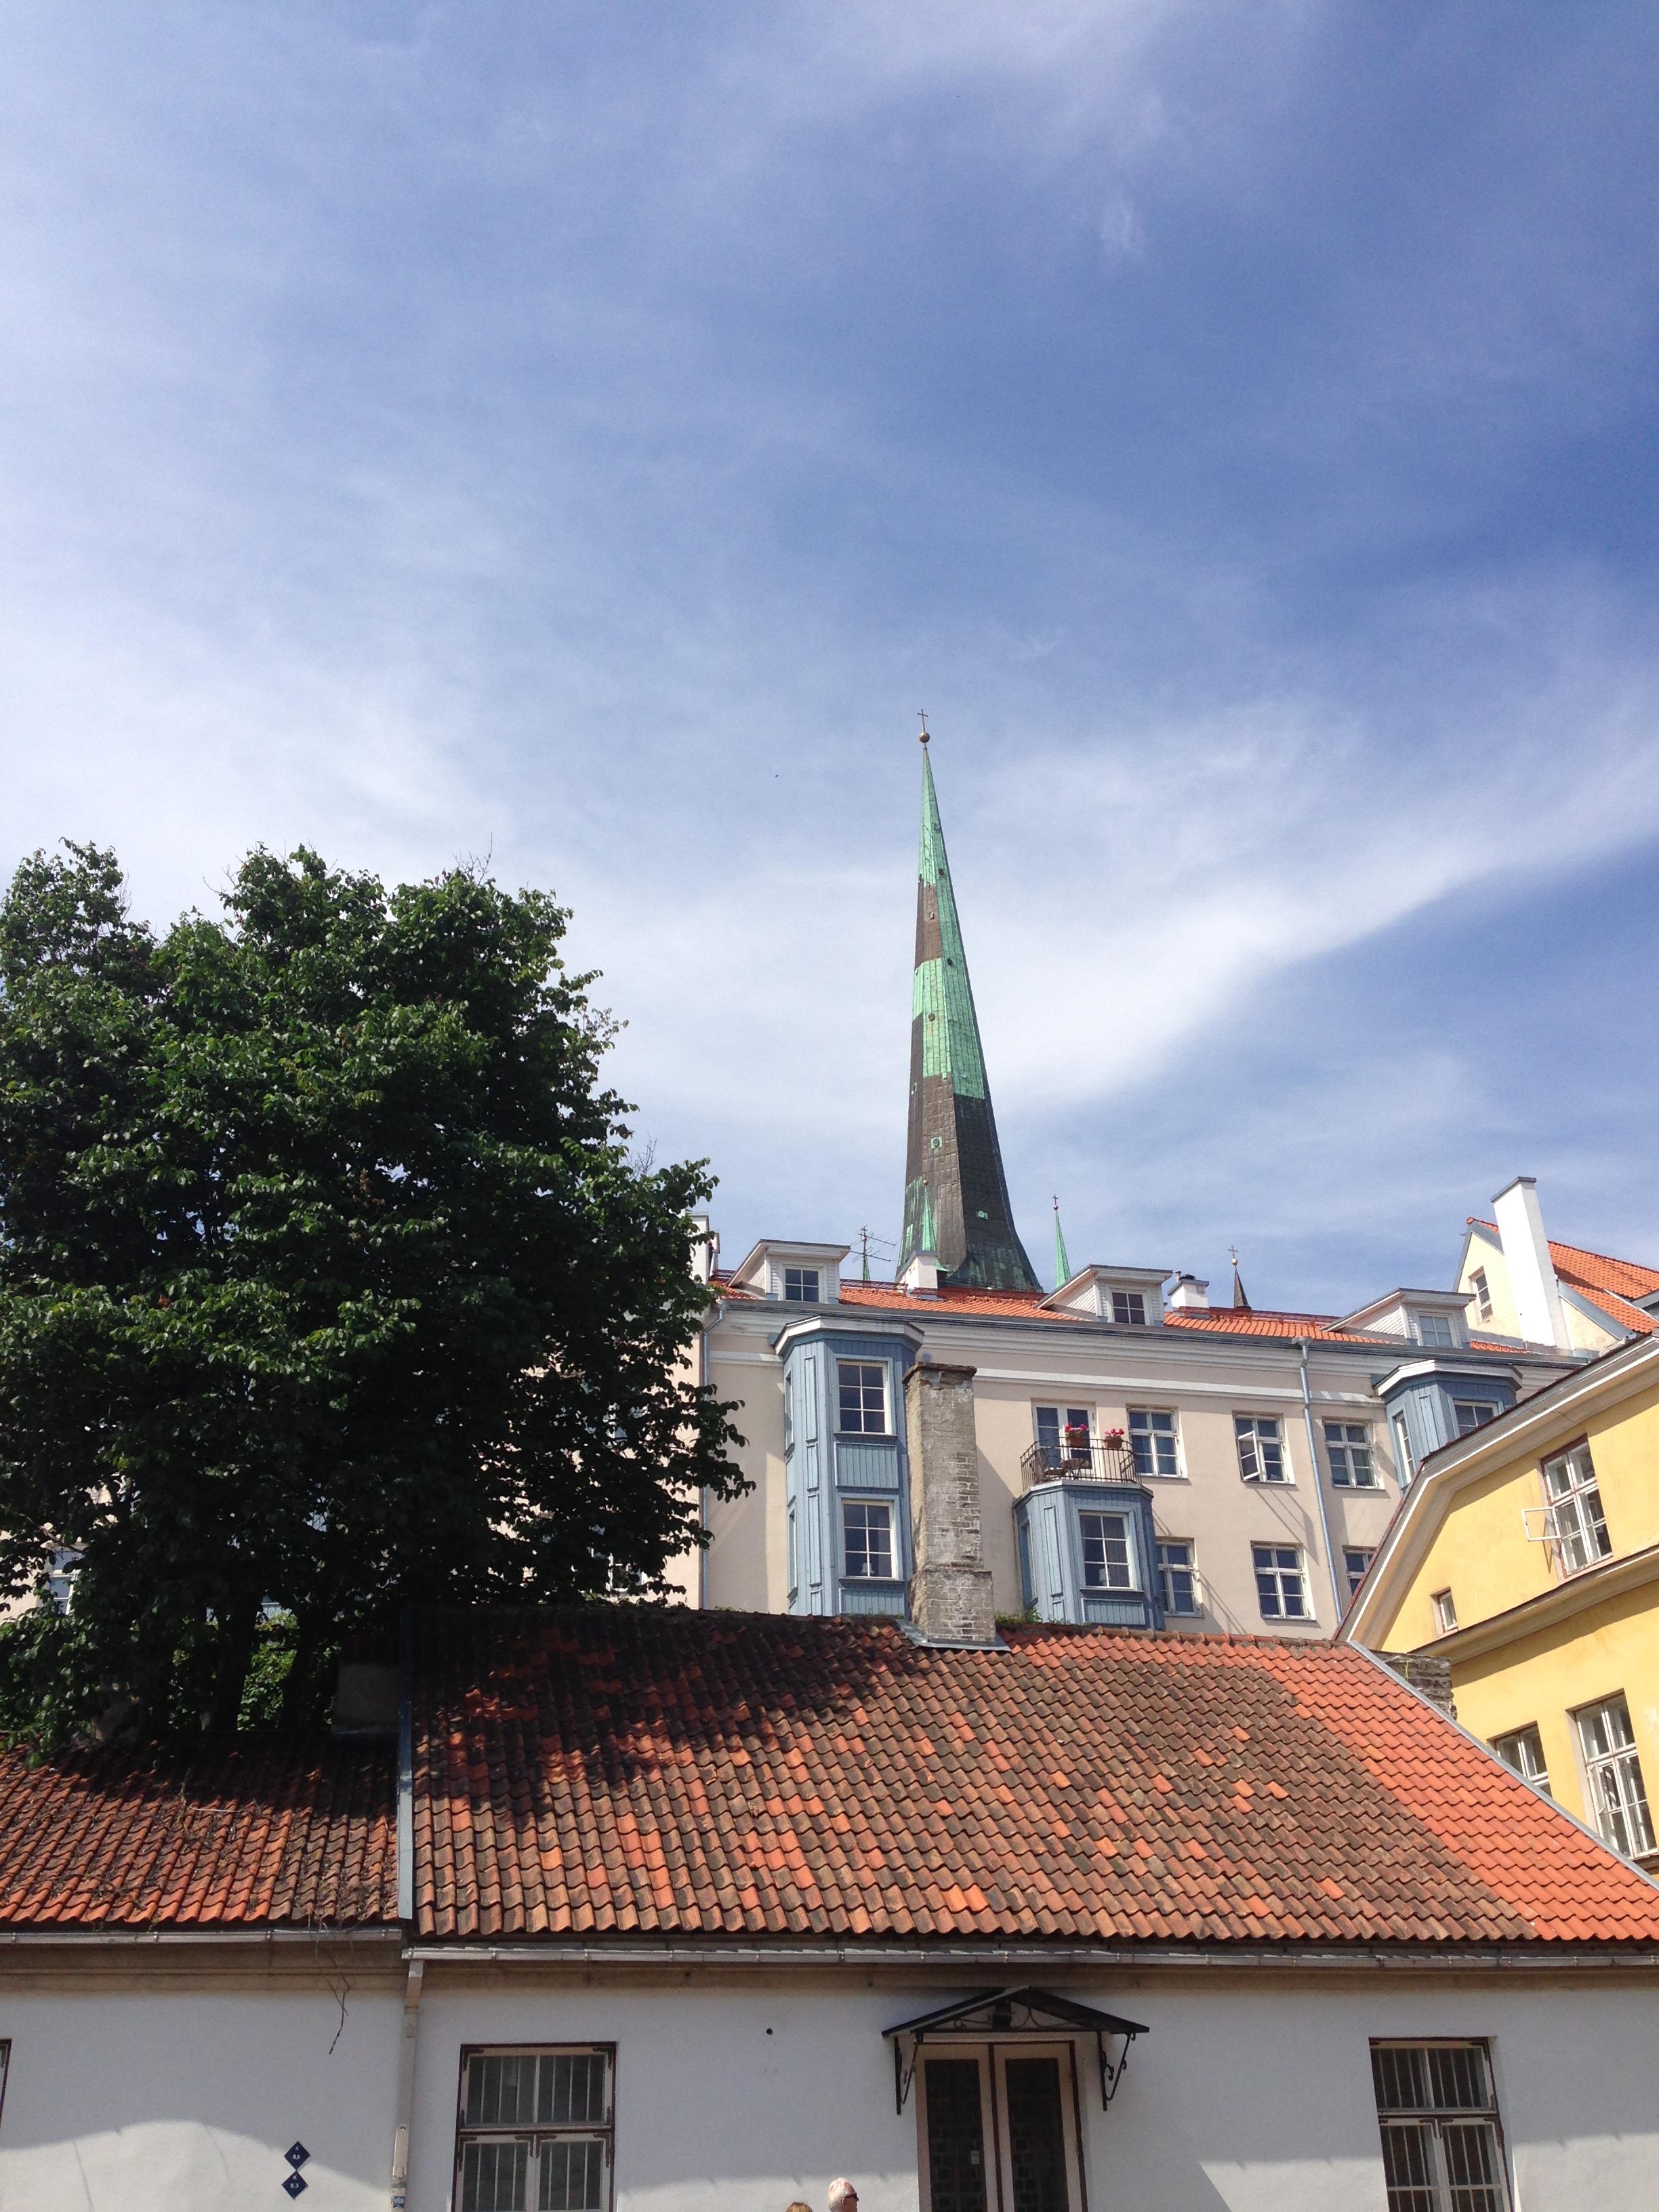 Rooftops, Tallinn